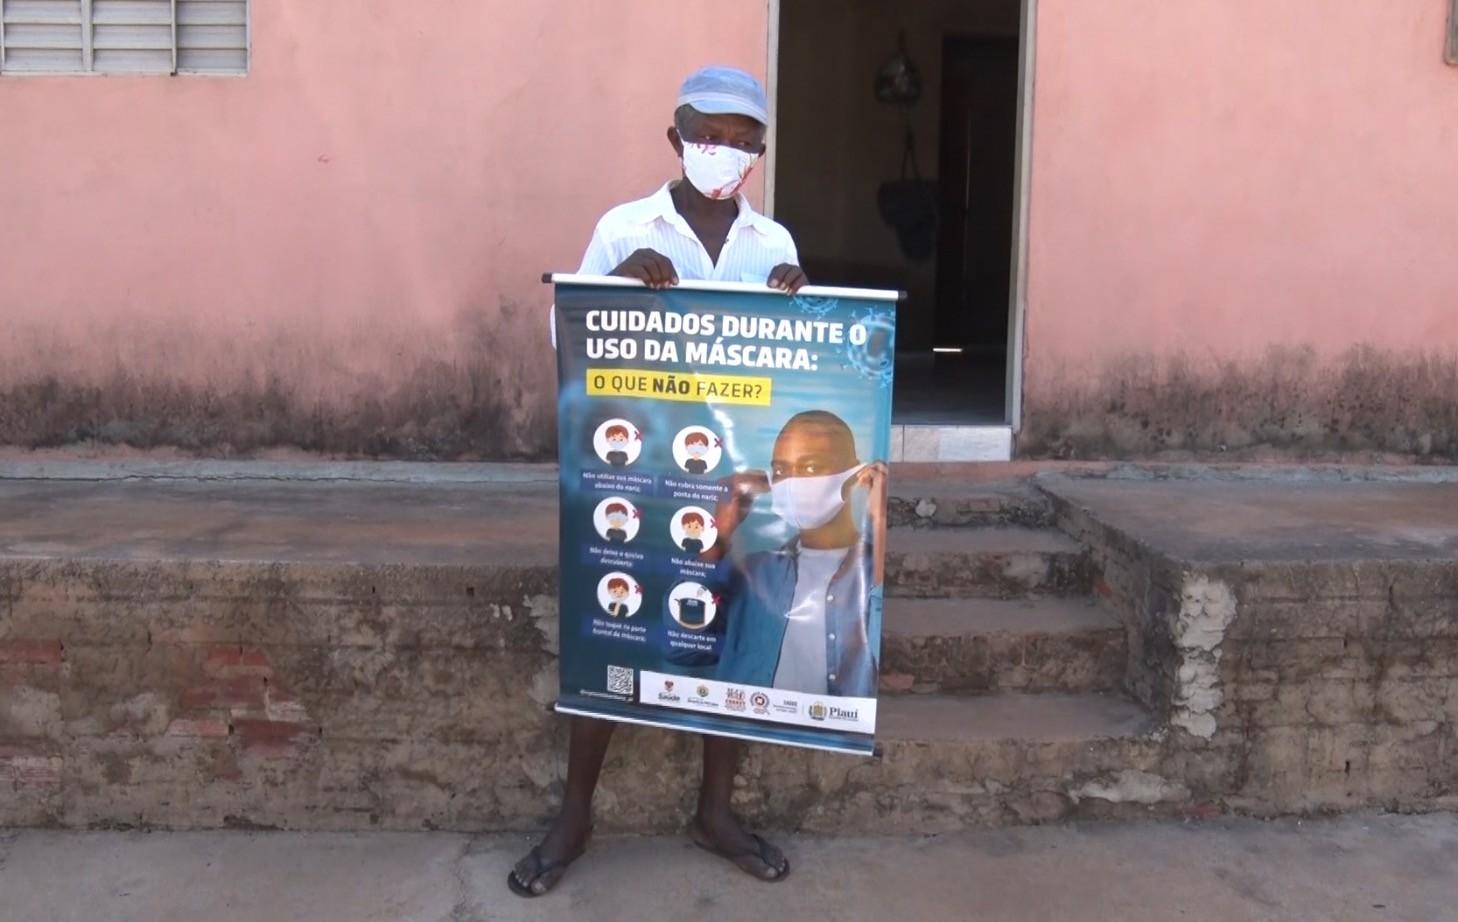 Punição com cartazes serviu de exemplo para educar sobre uso da máscara, avalia juíza